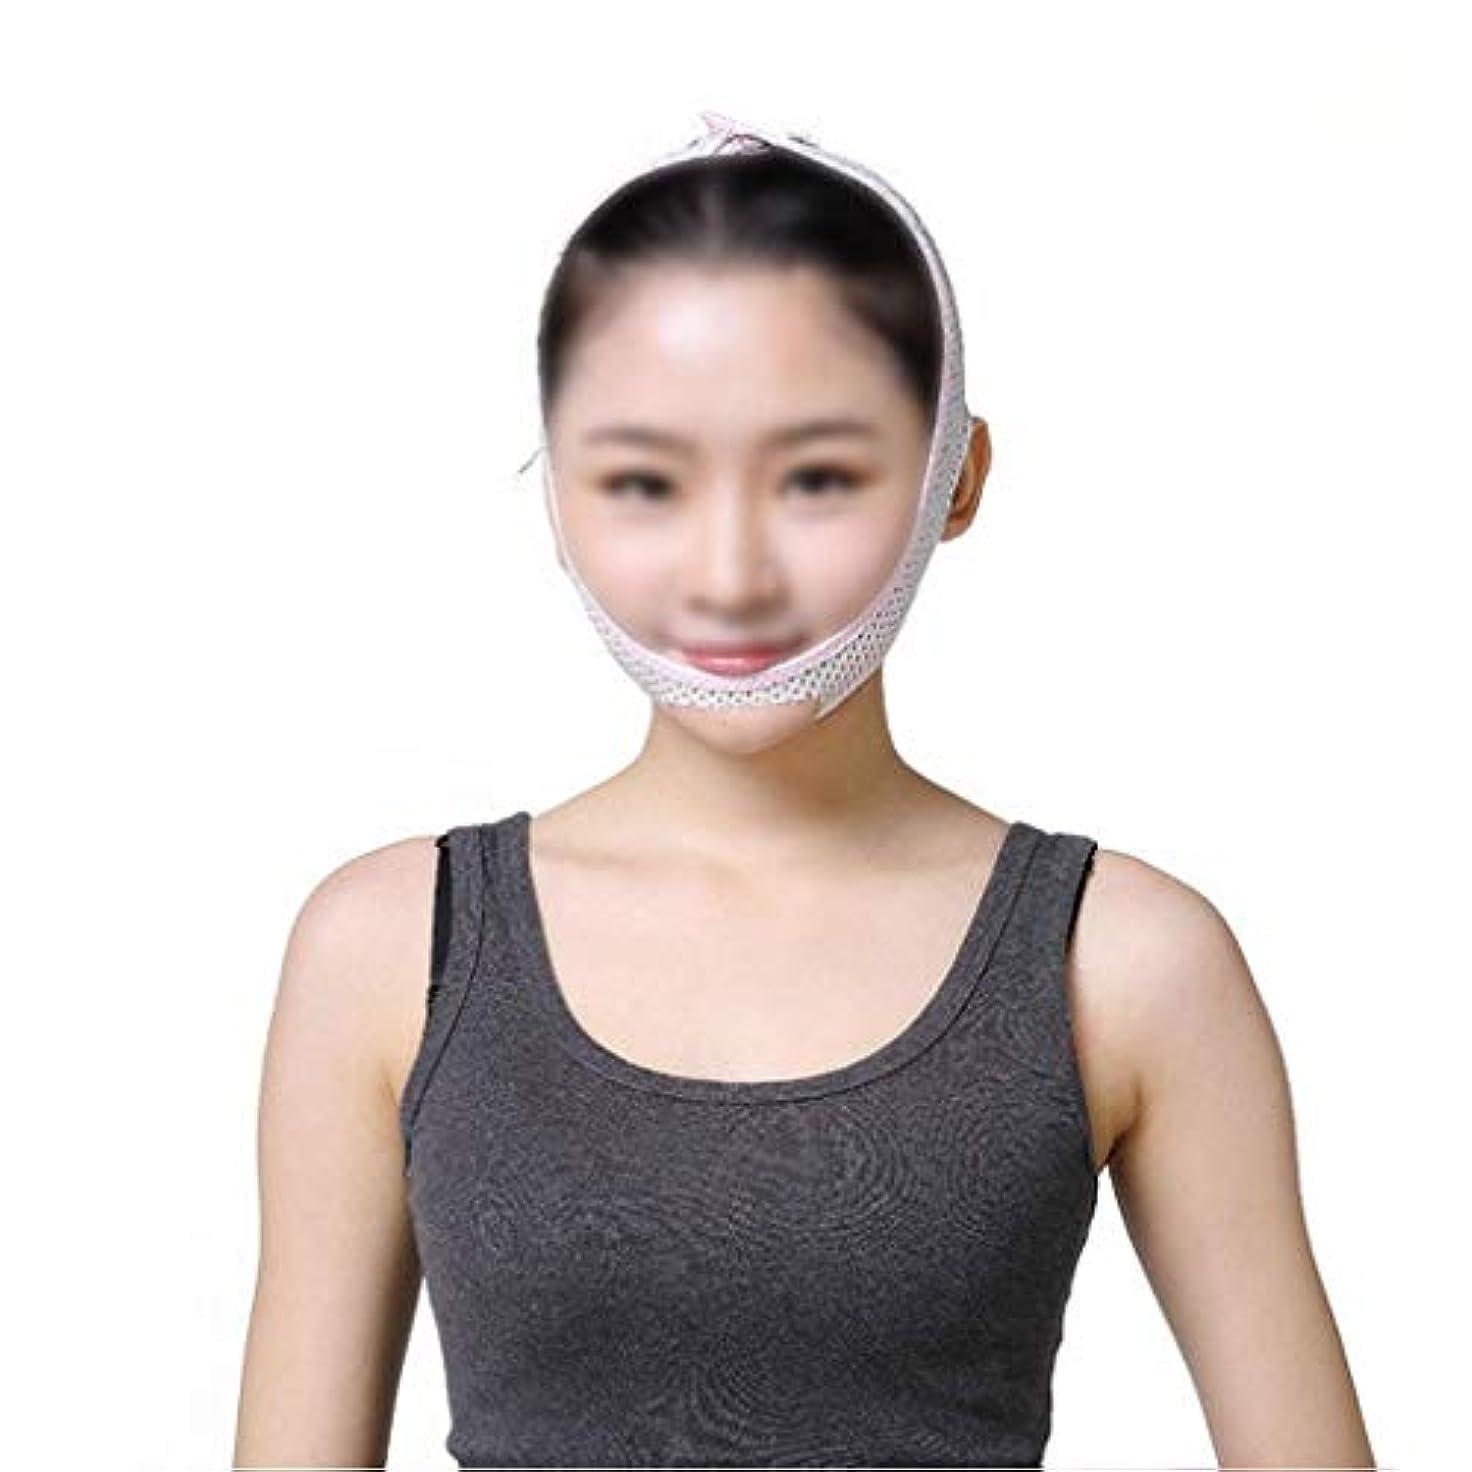 機動パリティ反逆者フェイスリフティングマスク、快適で リフティングスキンファーミングスリープシンフェイスアーティファクトアンチリンクル/リムーブダブルチン/術後回復マスク(サイズ:L)